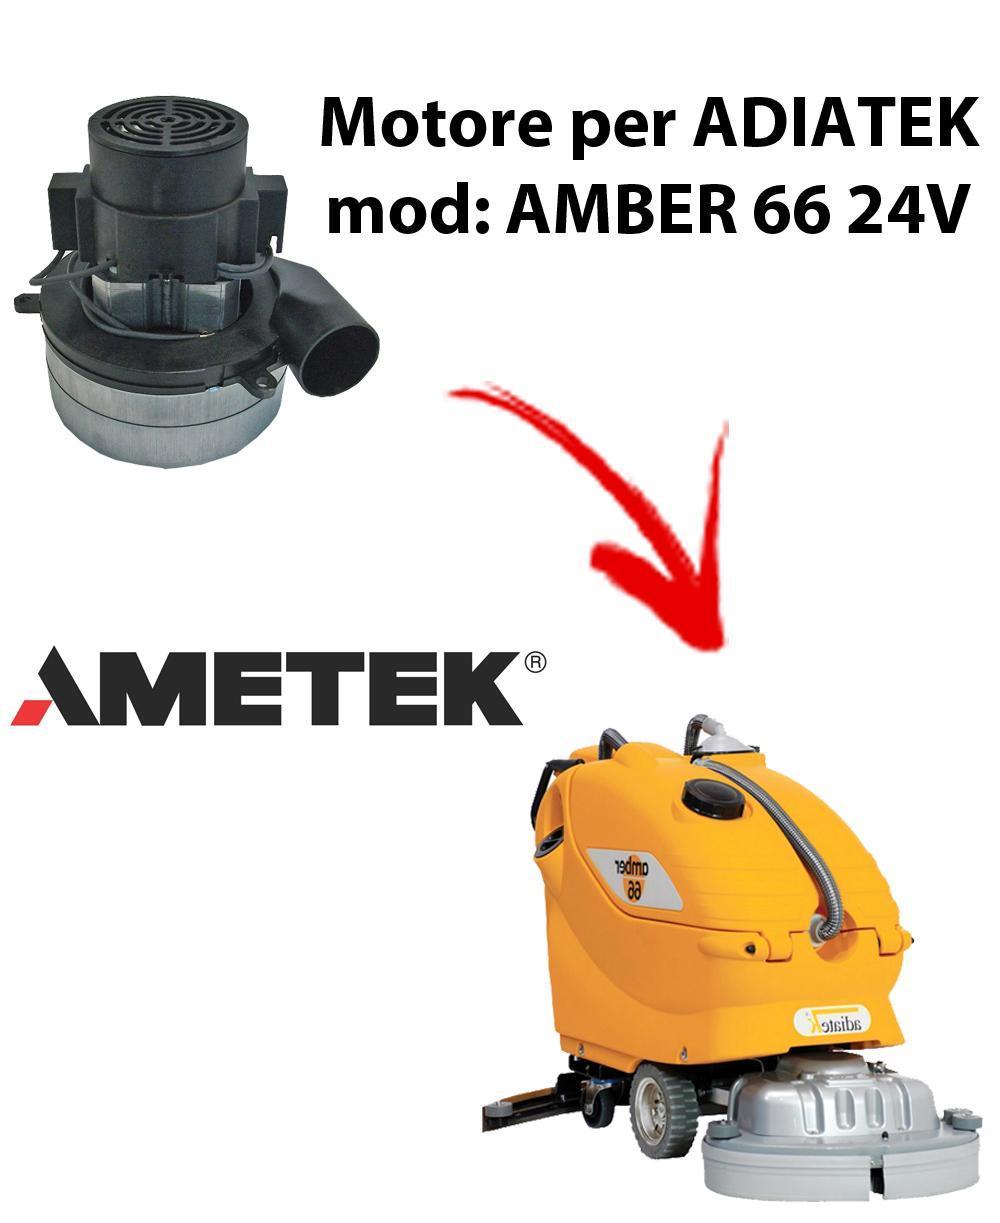 AMBER 66 24 volt Saugmotor AMETEK ITALIA für scheuersaugmaschinen Adiatek